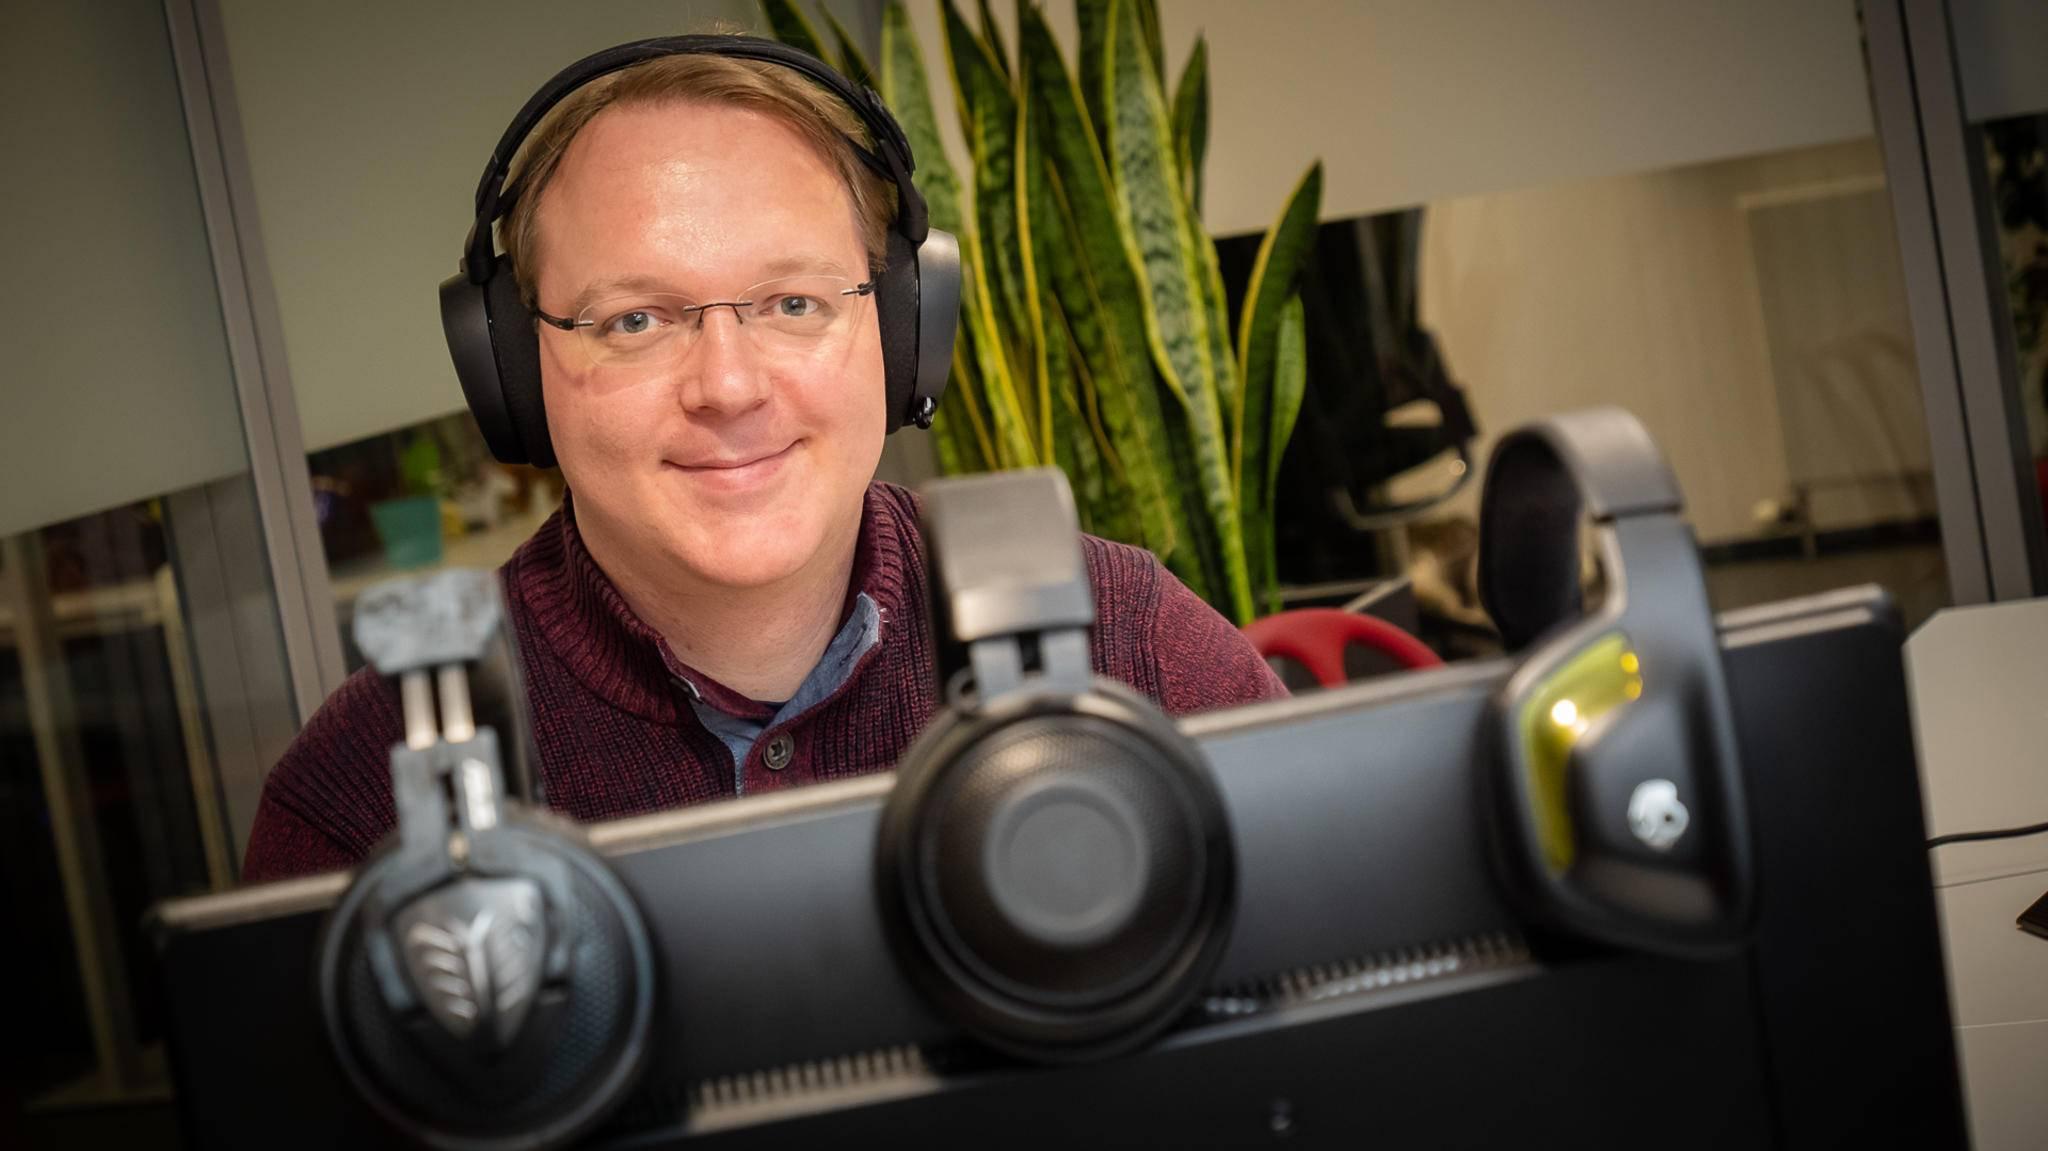 Bei TURN-ON-Redakteur Andreas haben sich über die Jahre einige Gaming-Headsets angesammelt.